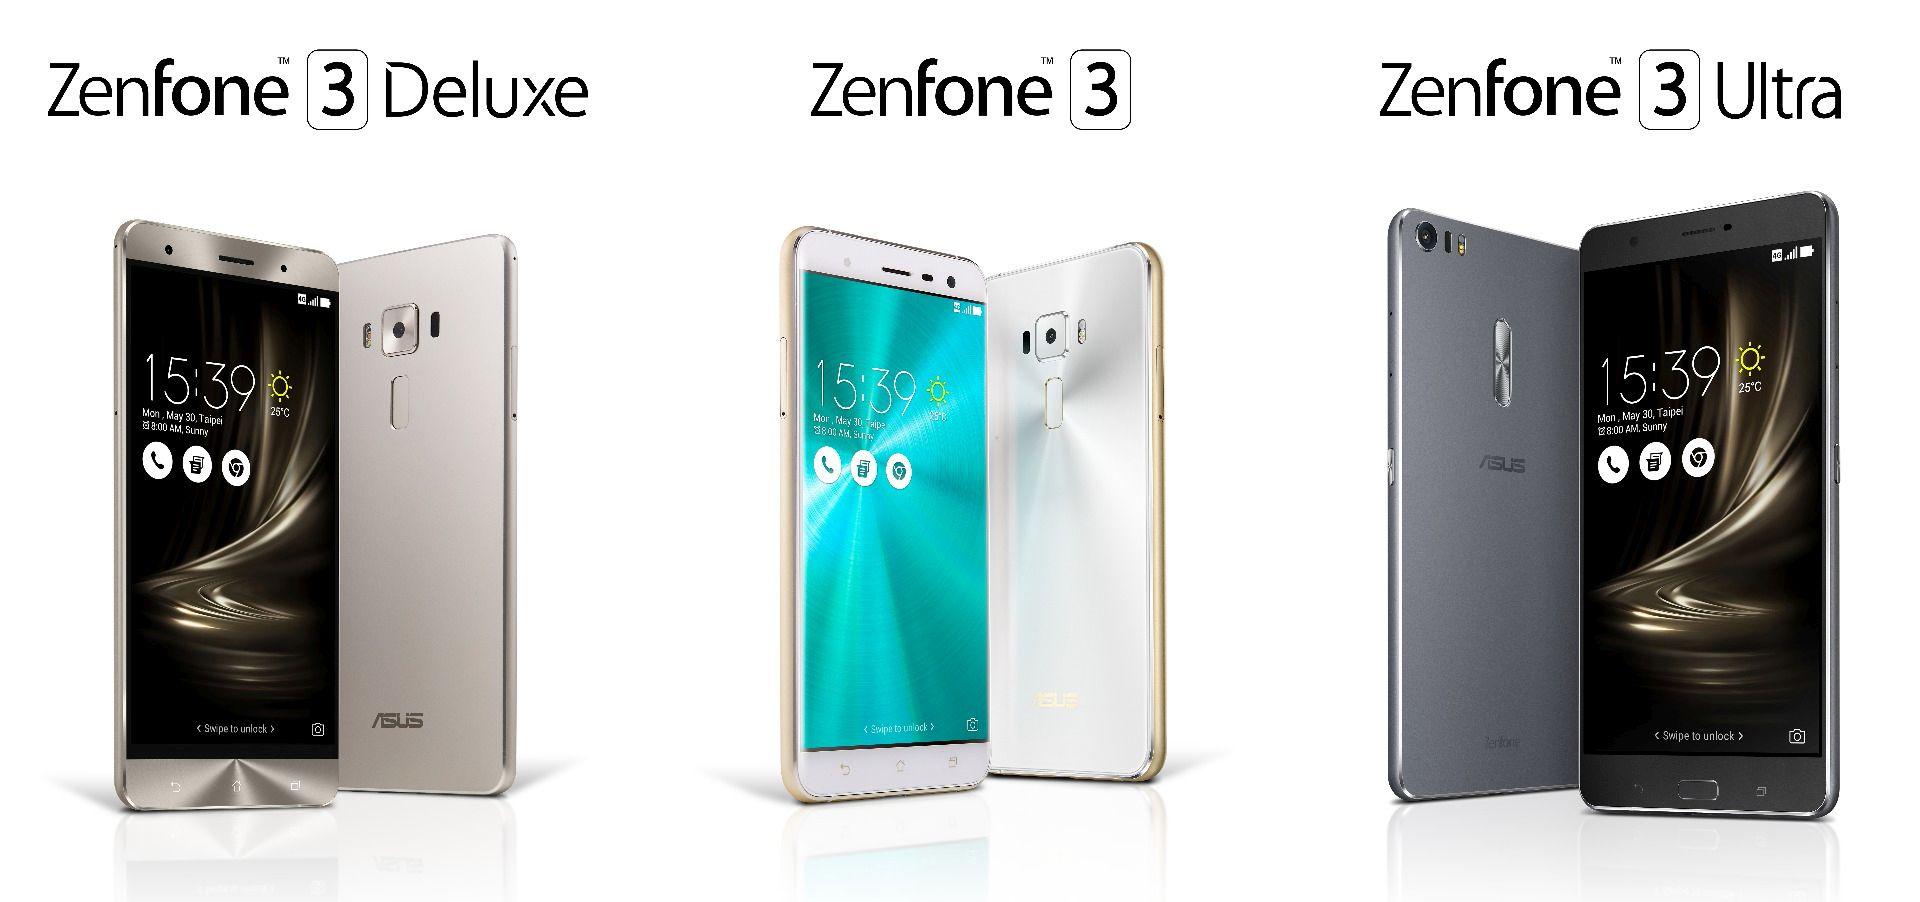 news-zenfone3-2